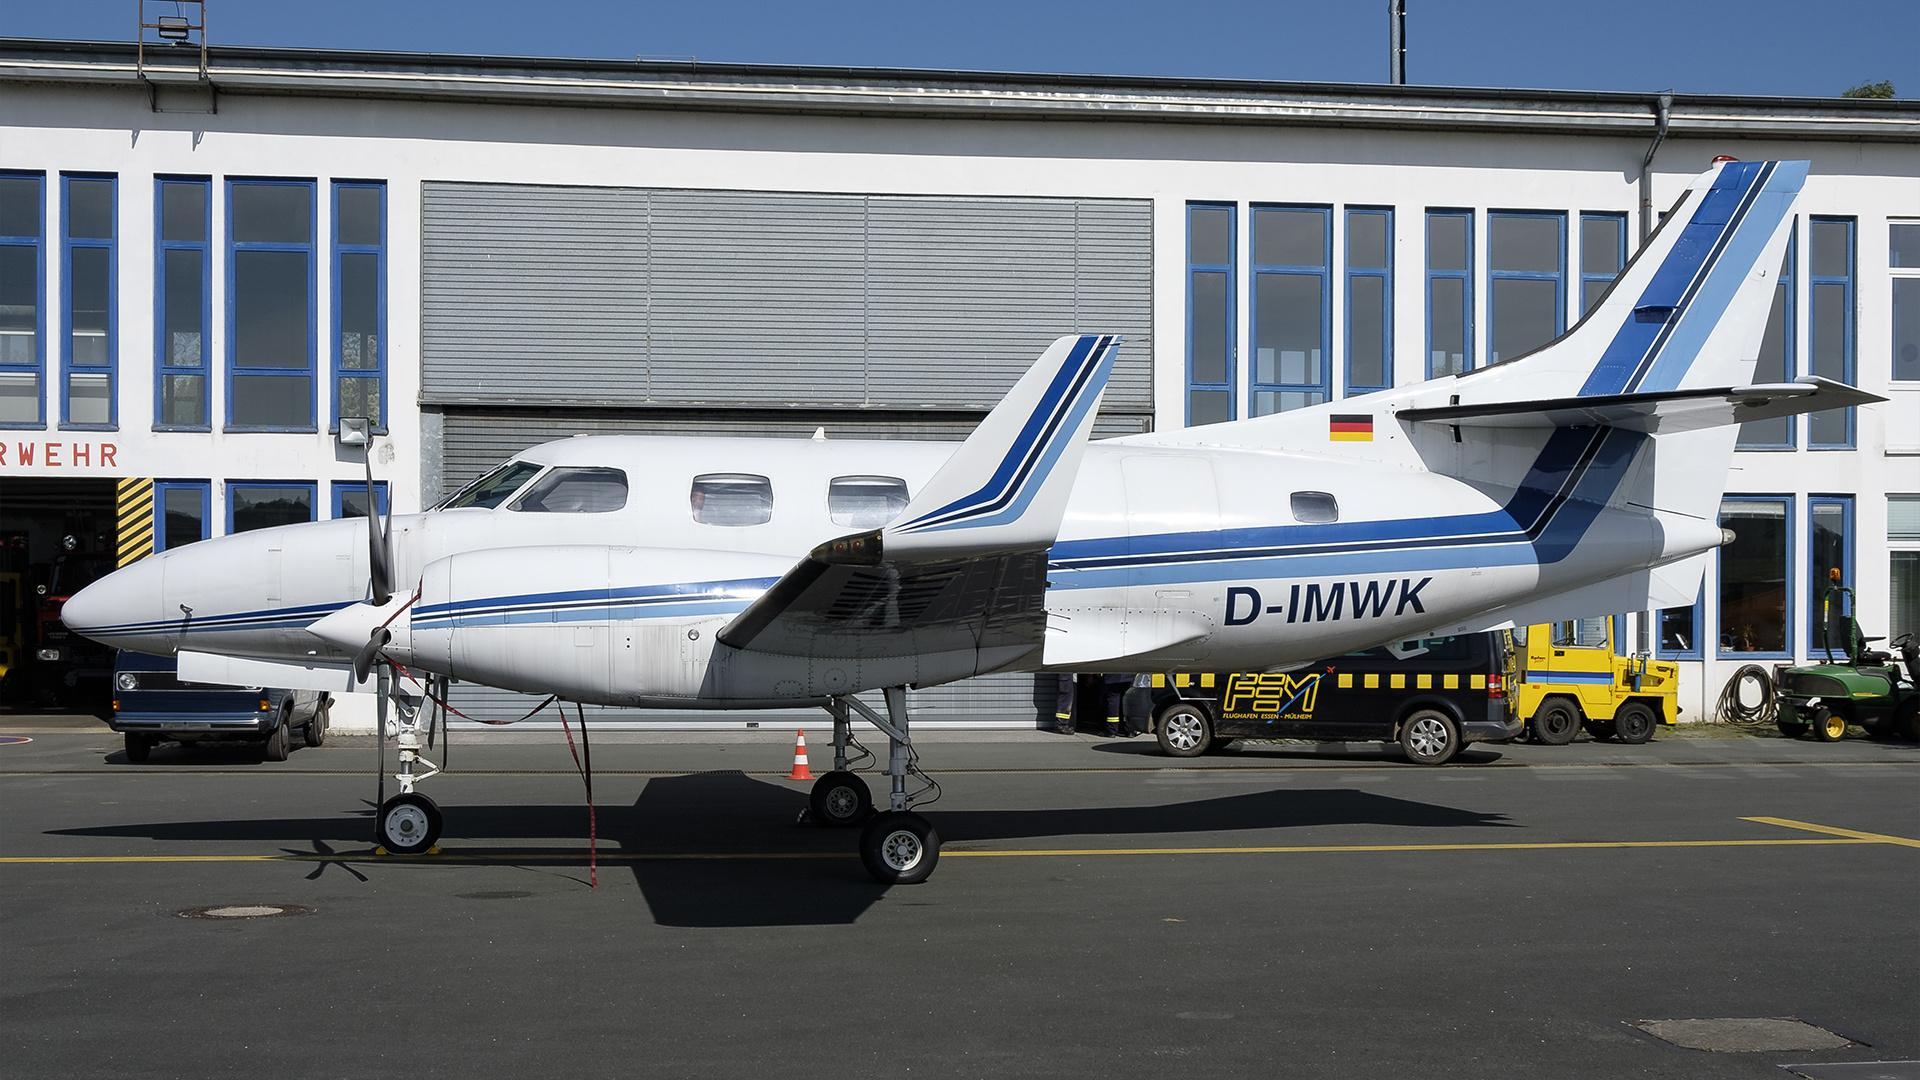 D-IMWK-1 SWM ESS 201805